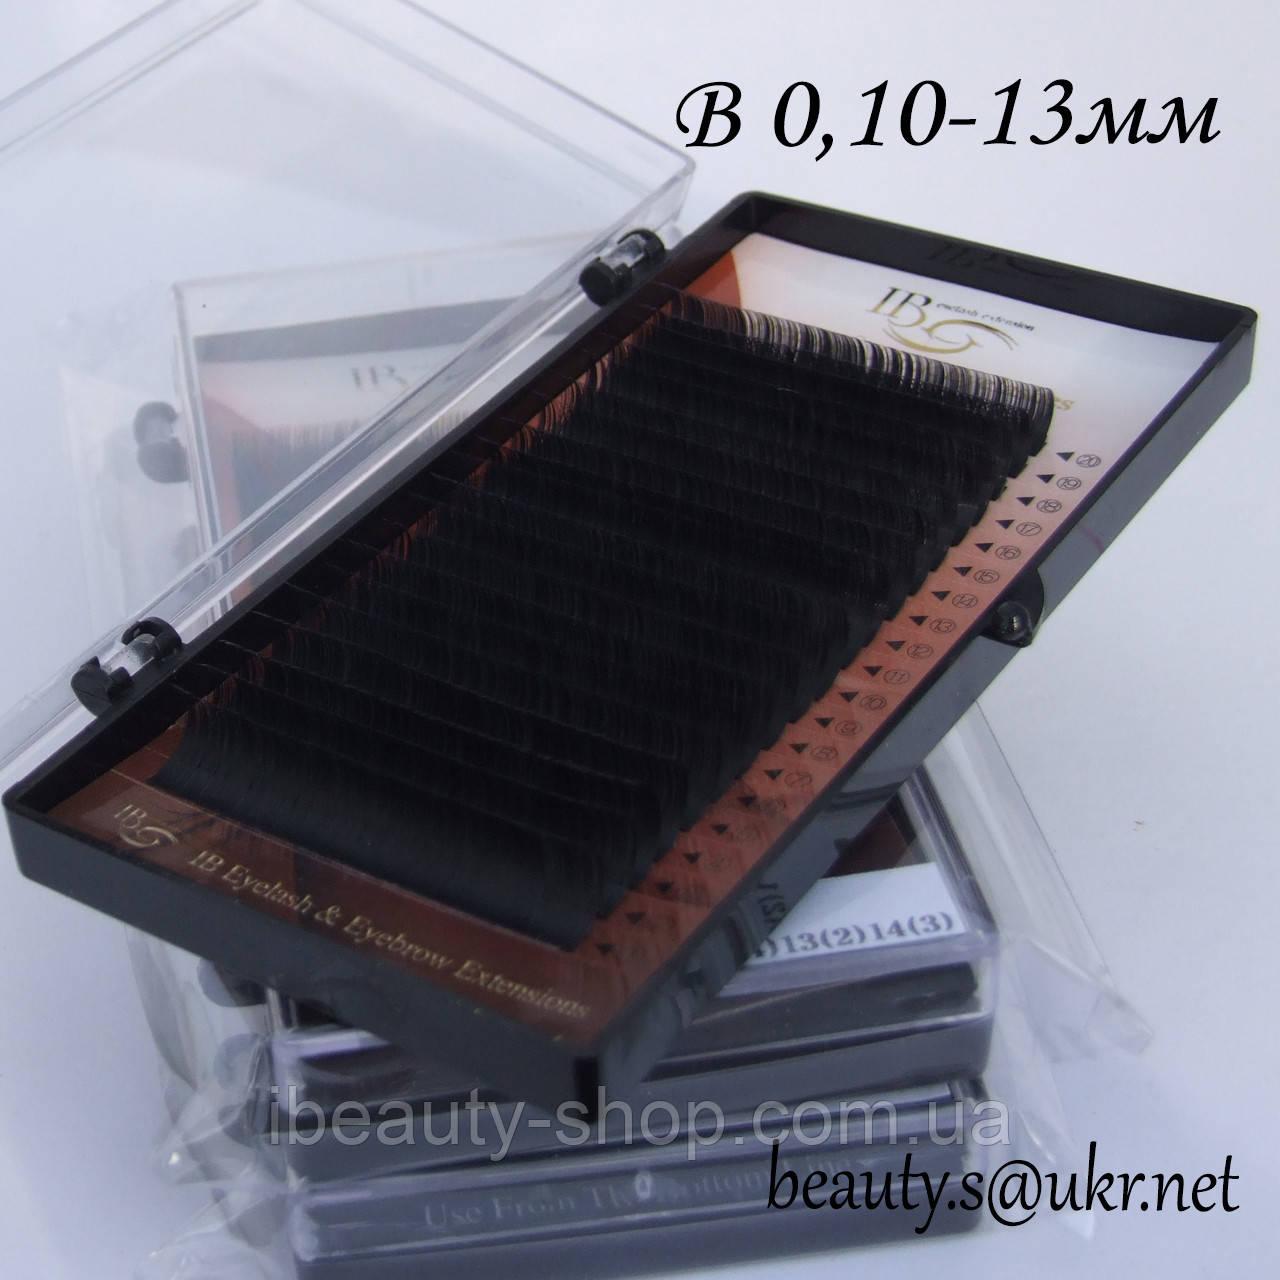 Ресницы  I-Beauty на ленте B 0,10-13мм